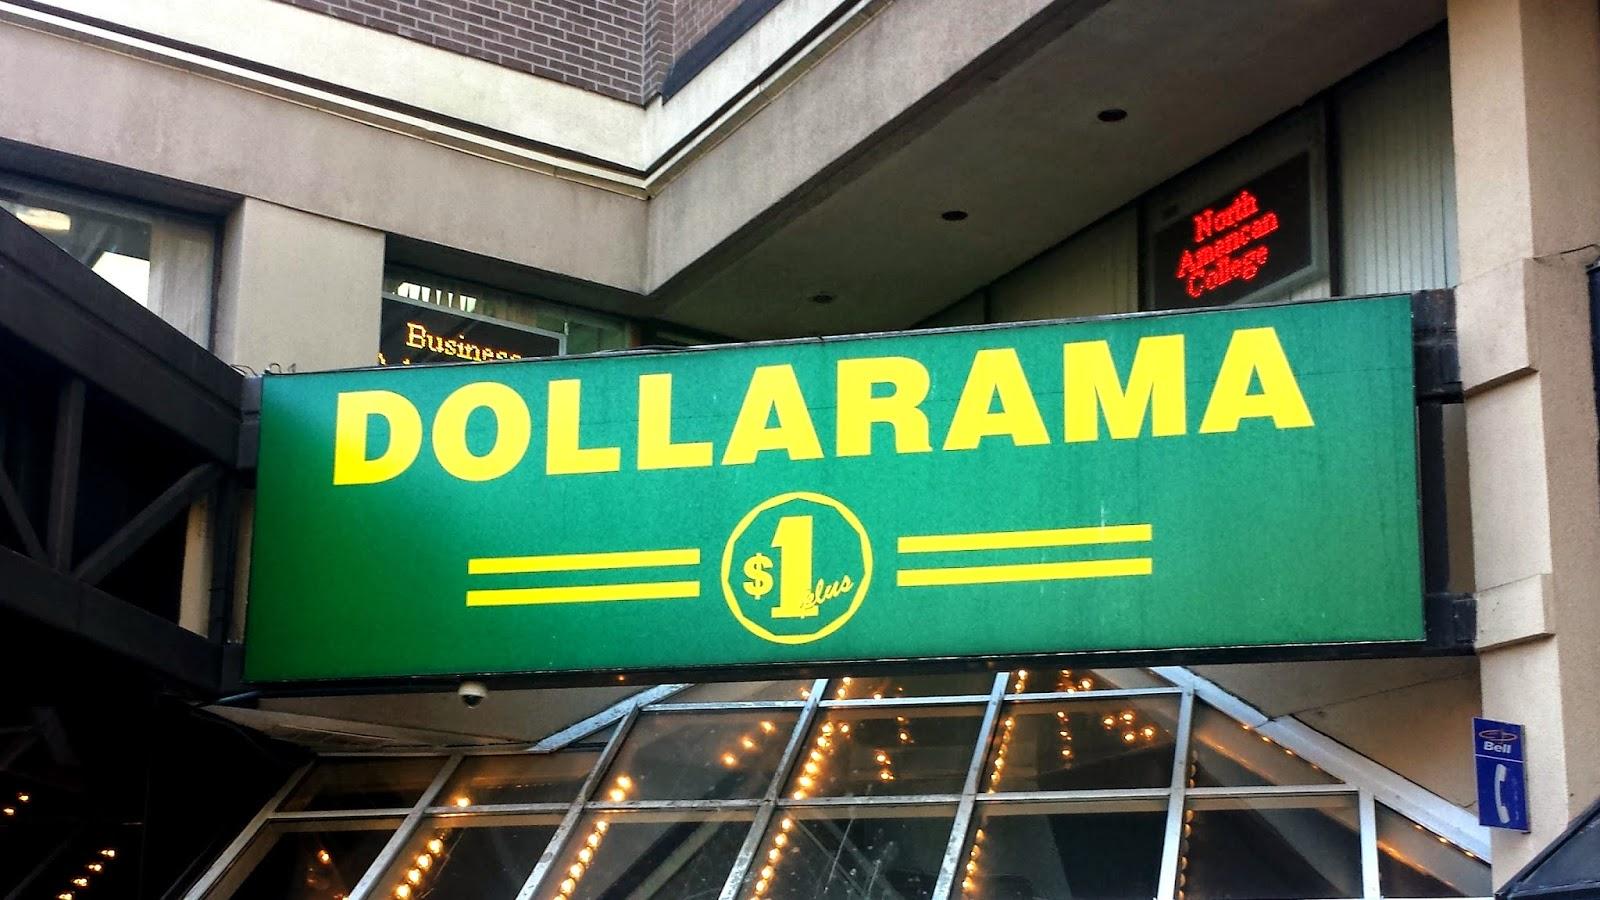 ce1d371724 O Dollarama é a loja mais querida e barata de todo o Canadá. O que é essa  loja? É a loja de 1,99 do Canadá, uma loja barata e